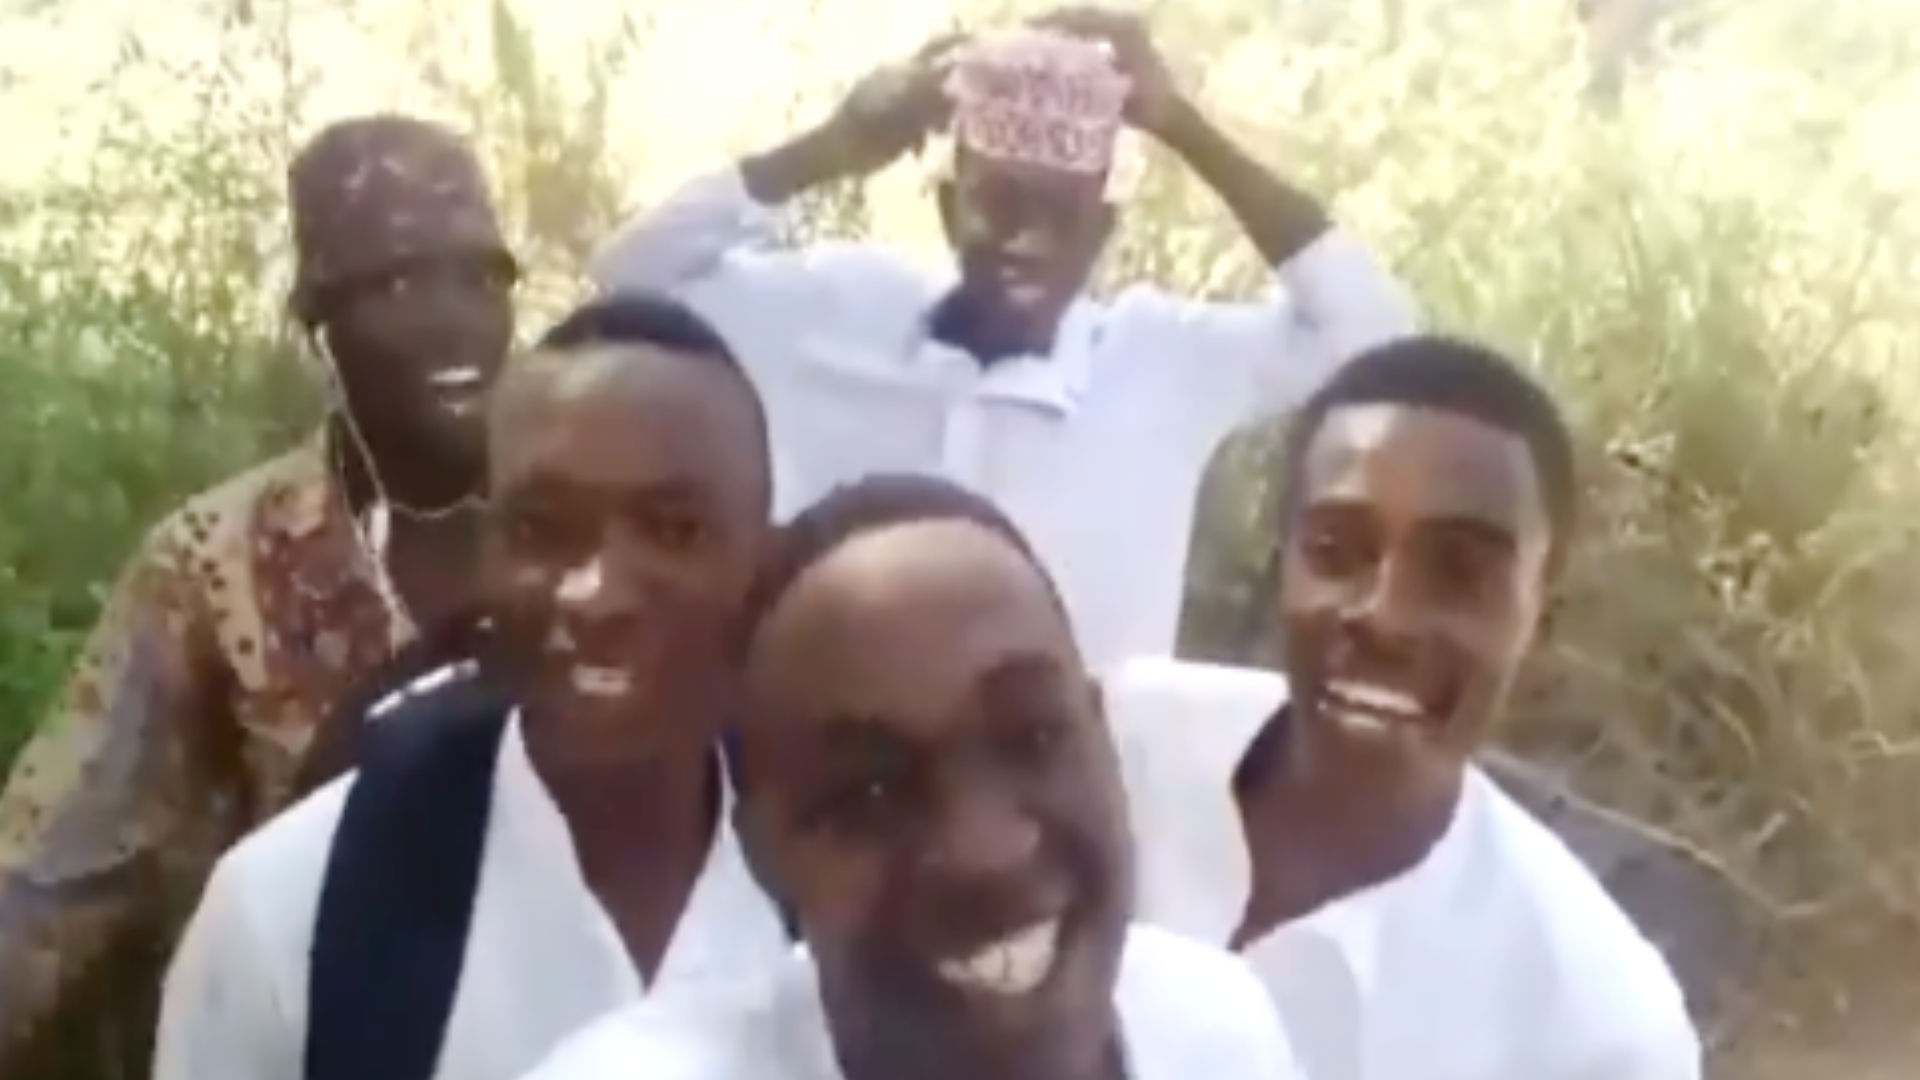 भोली सी सूरत, आंखों में मस्ती, दूर खड़ी शरमाए…जब नाइजीरियाई लड़कों ने गाया ये गाना, लोग बोल उठे- आए-हाए